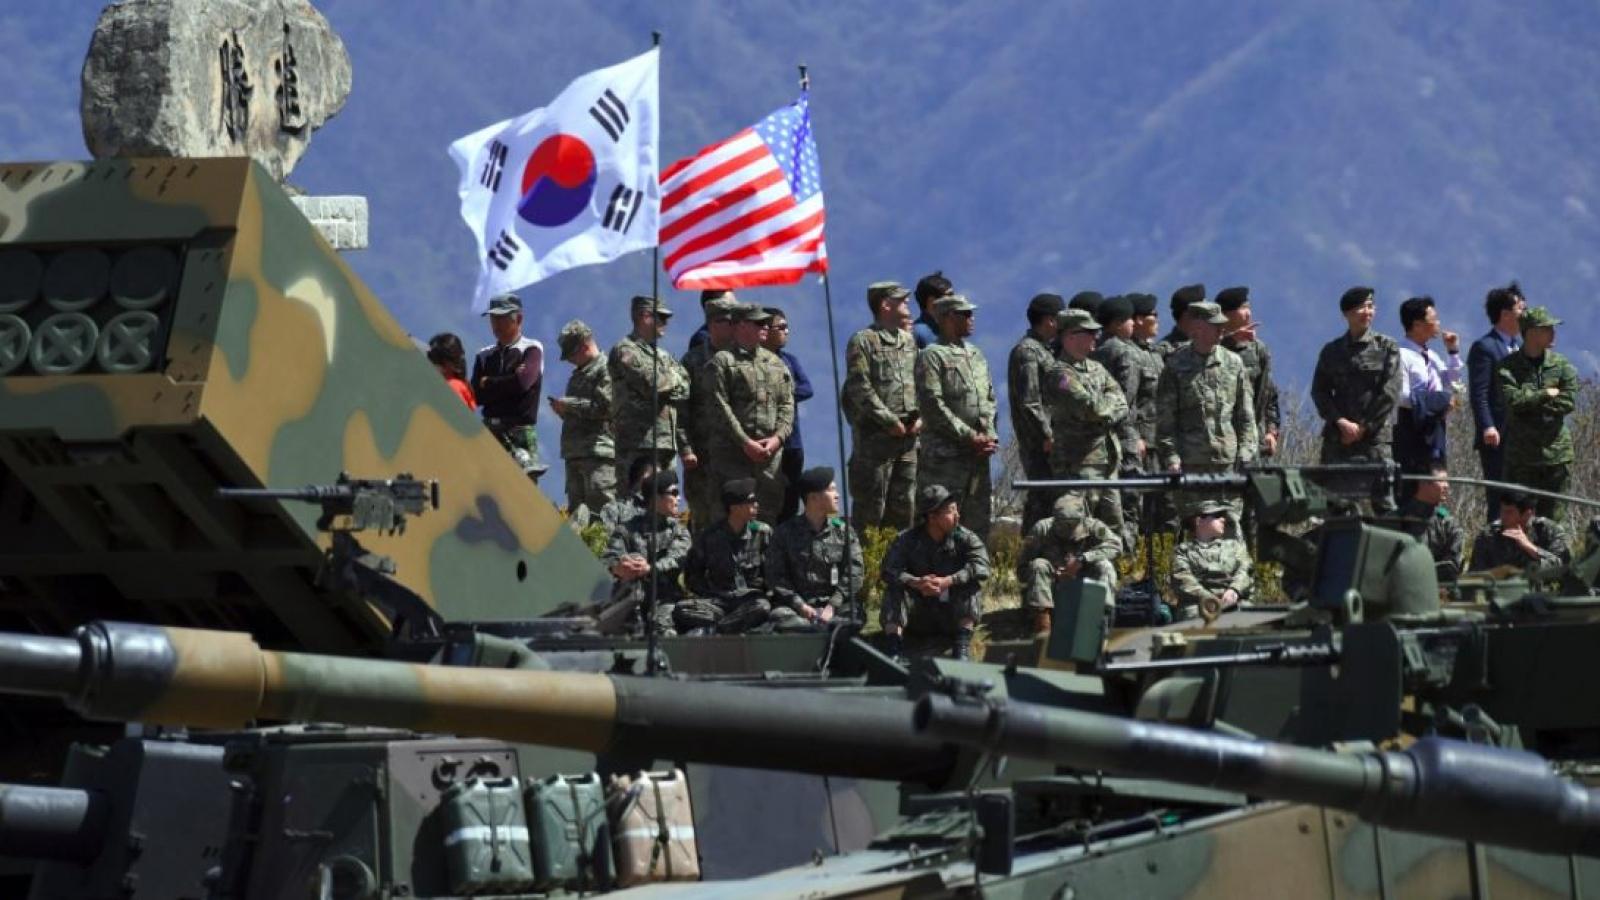 Hàn Quốc và Mỹ kết thúc cuộc tập trận cứu hộ hải quân kết hợp